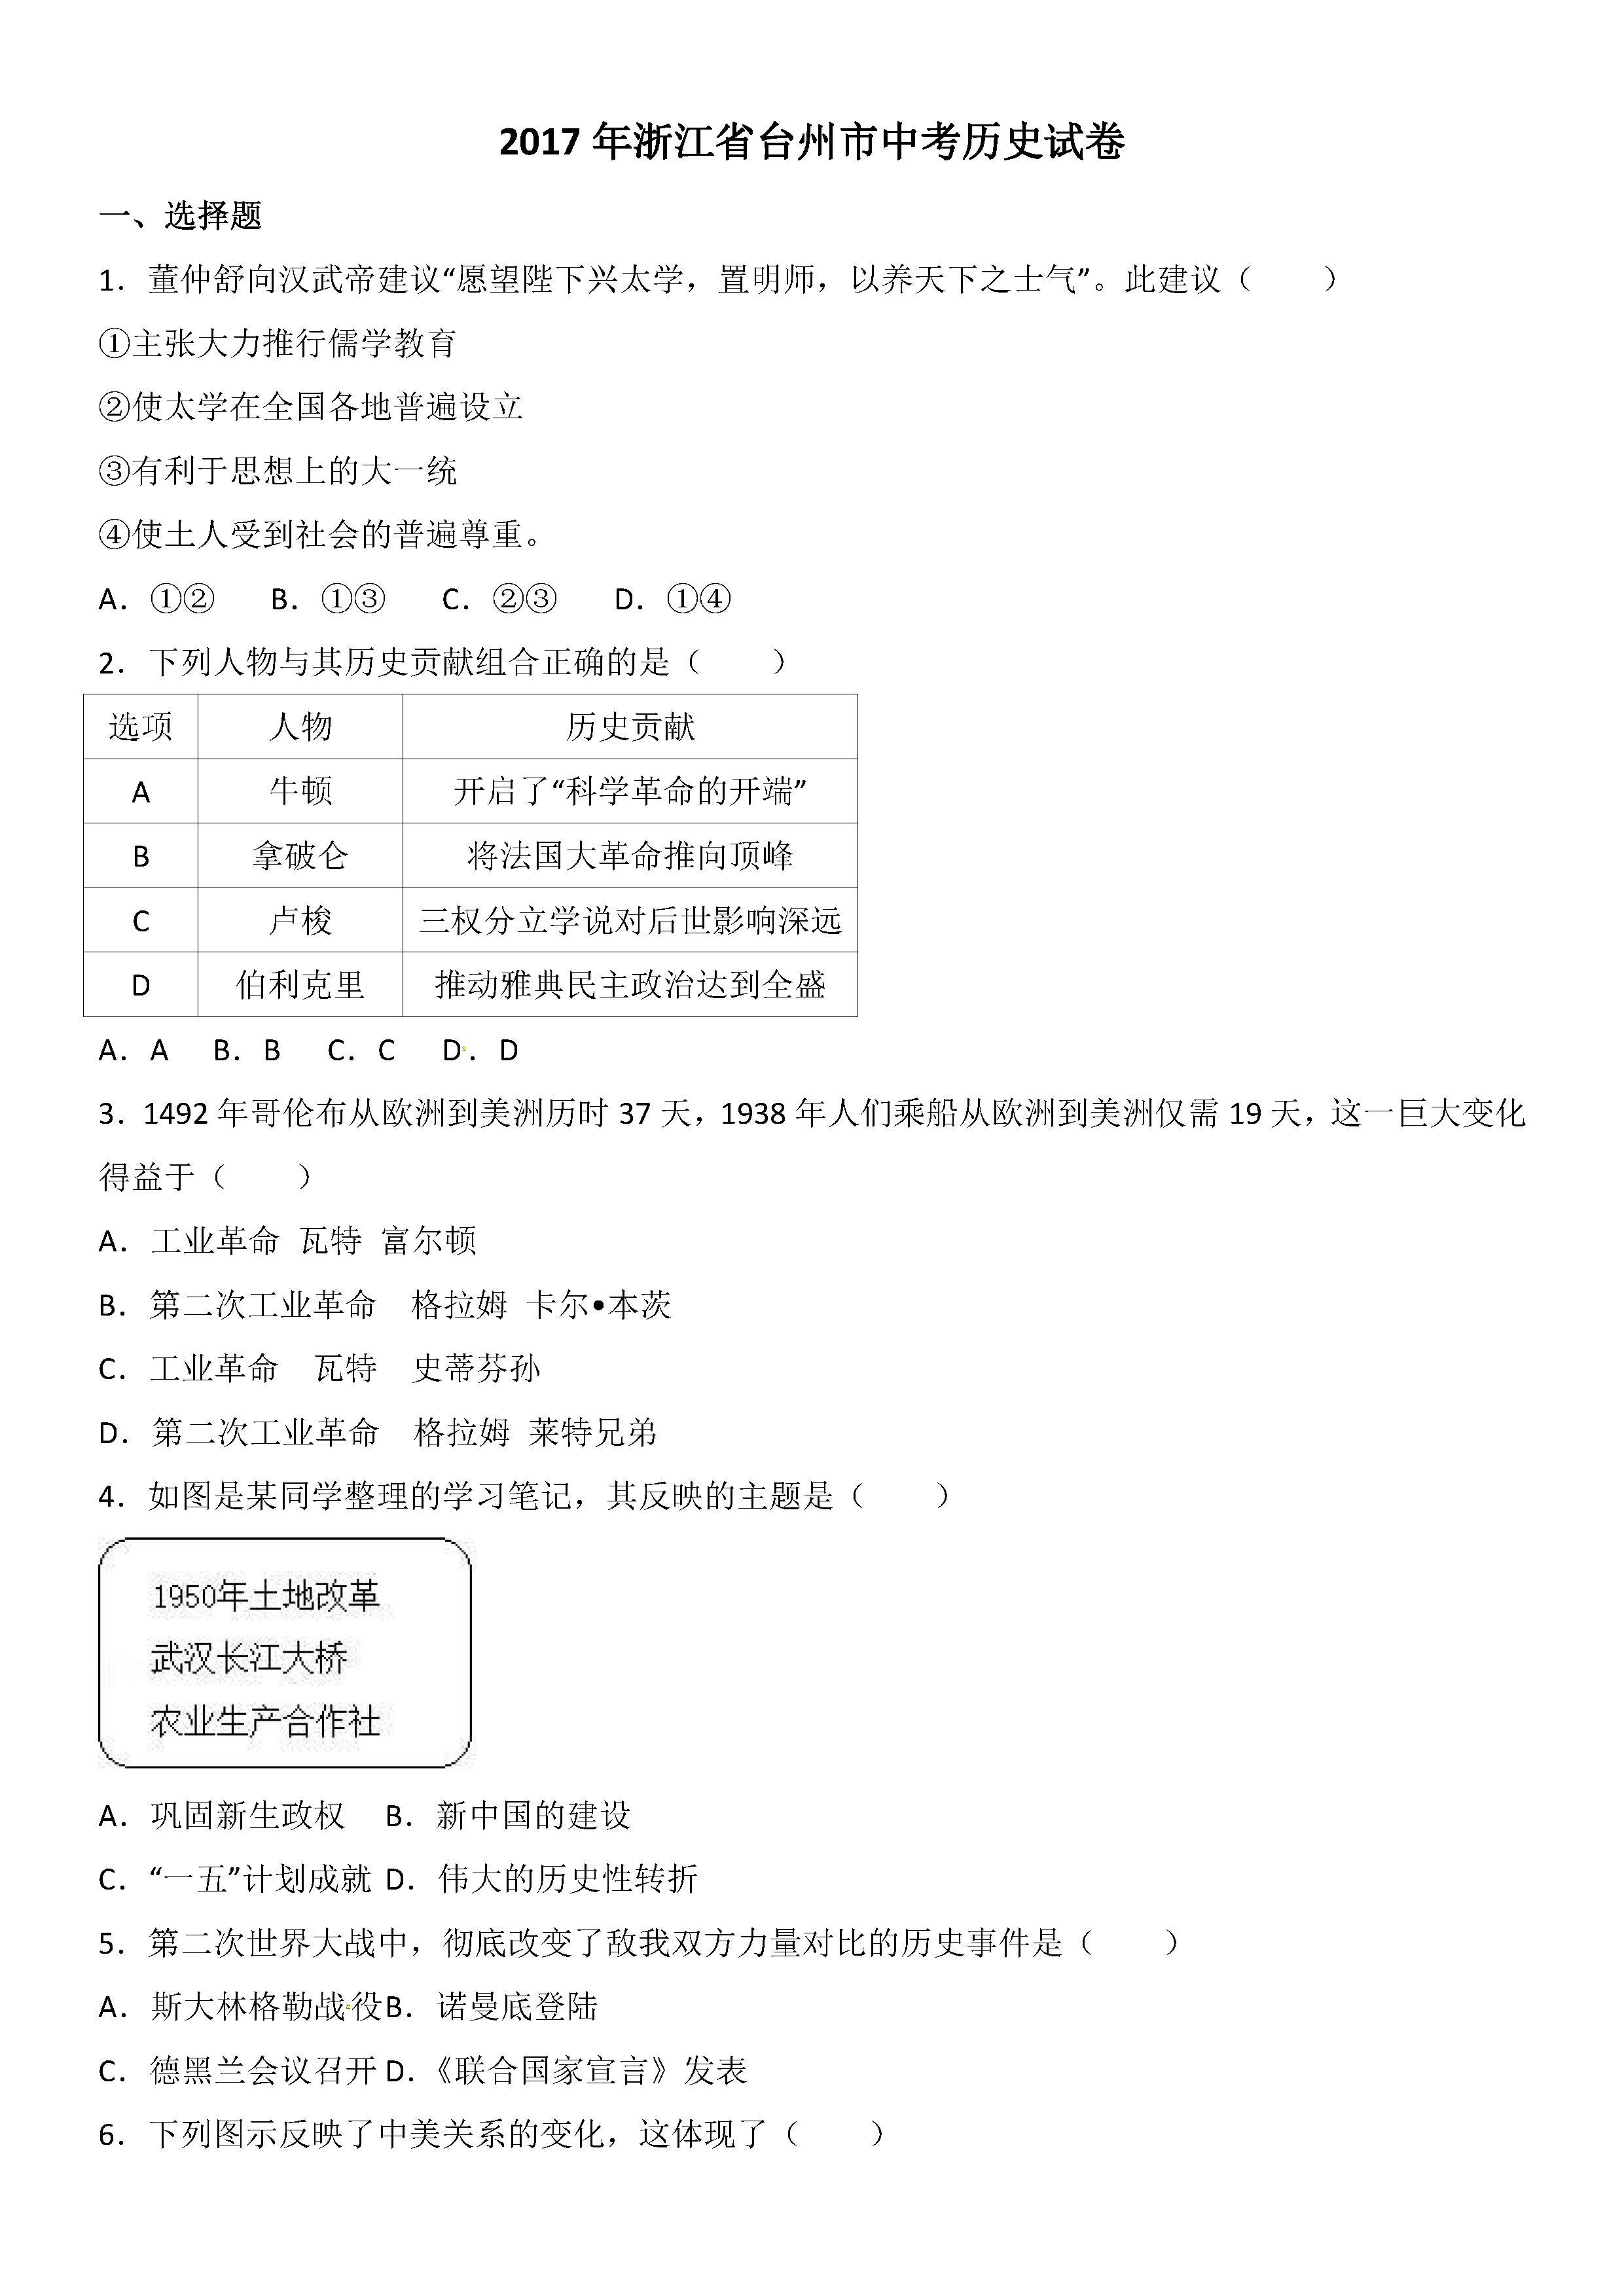 2017台州中考历史试题及答案解析(图片版含答案)